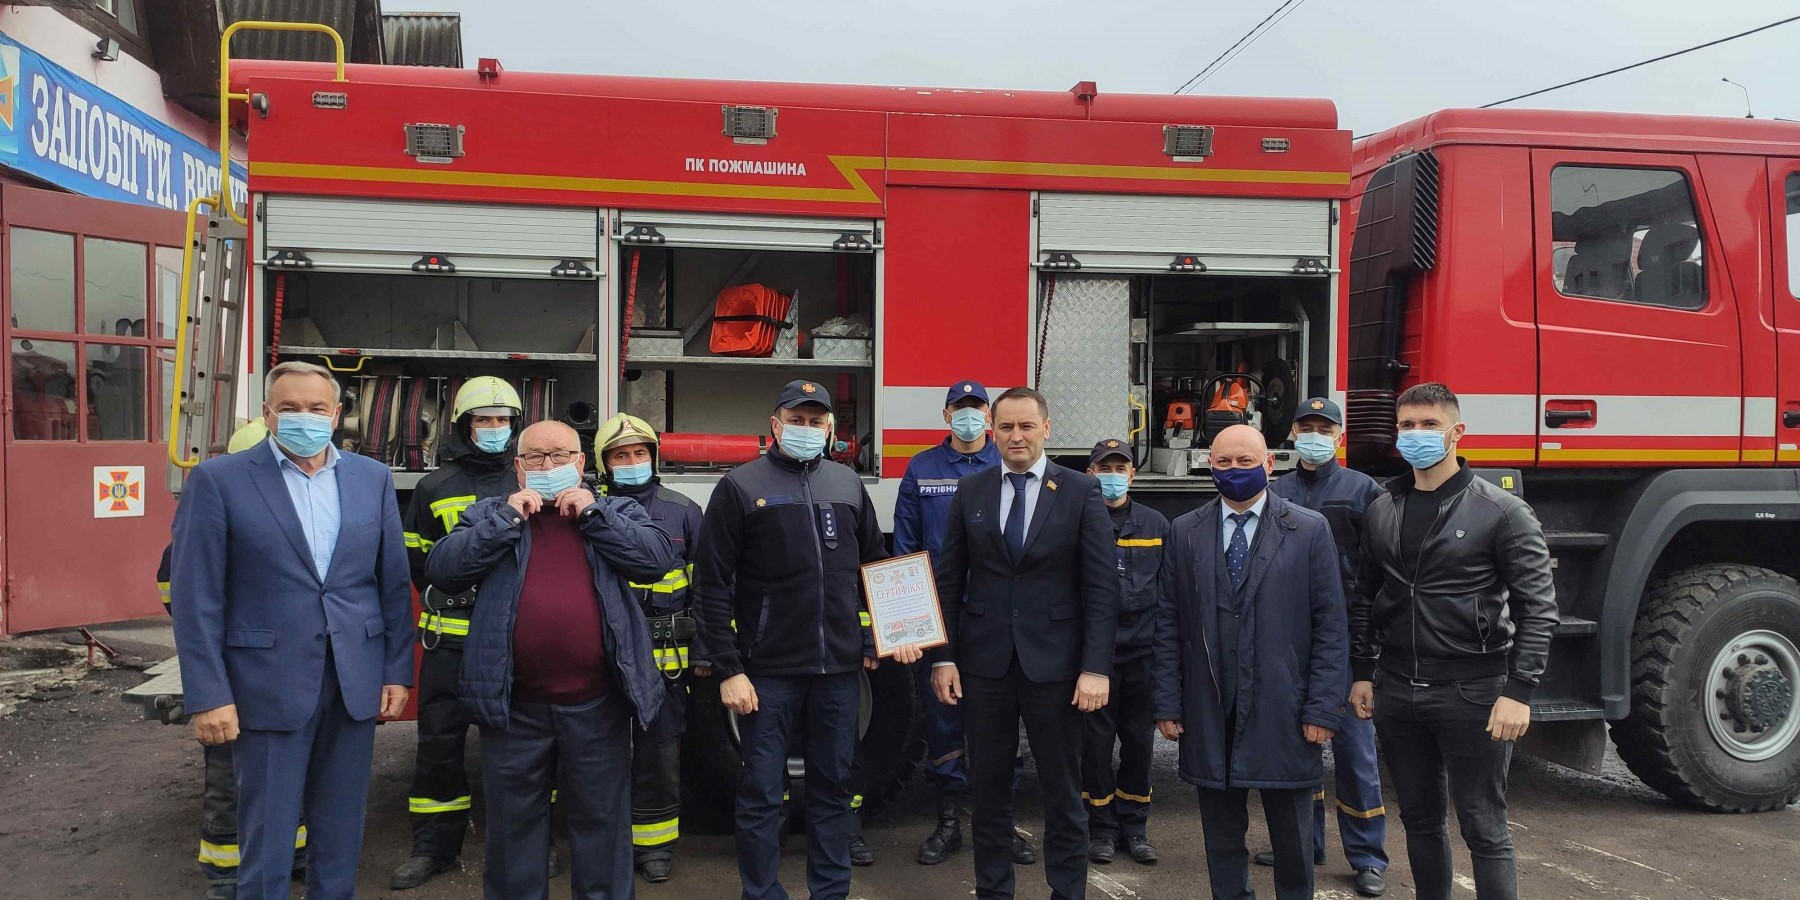 Вручення пожежно-рятувального автомобілю 2-й державній пожежно-рятувальній частині смт Великий Березний